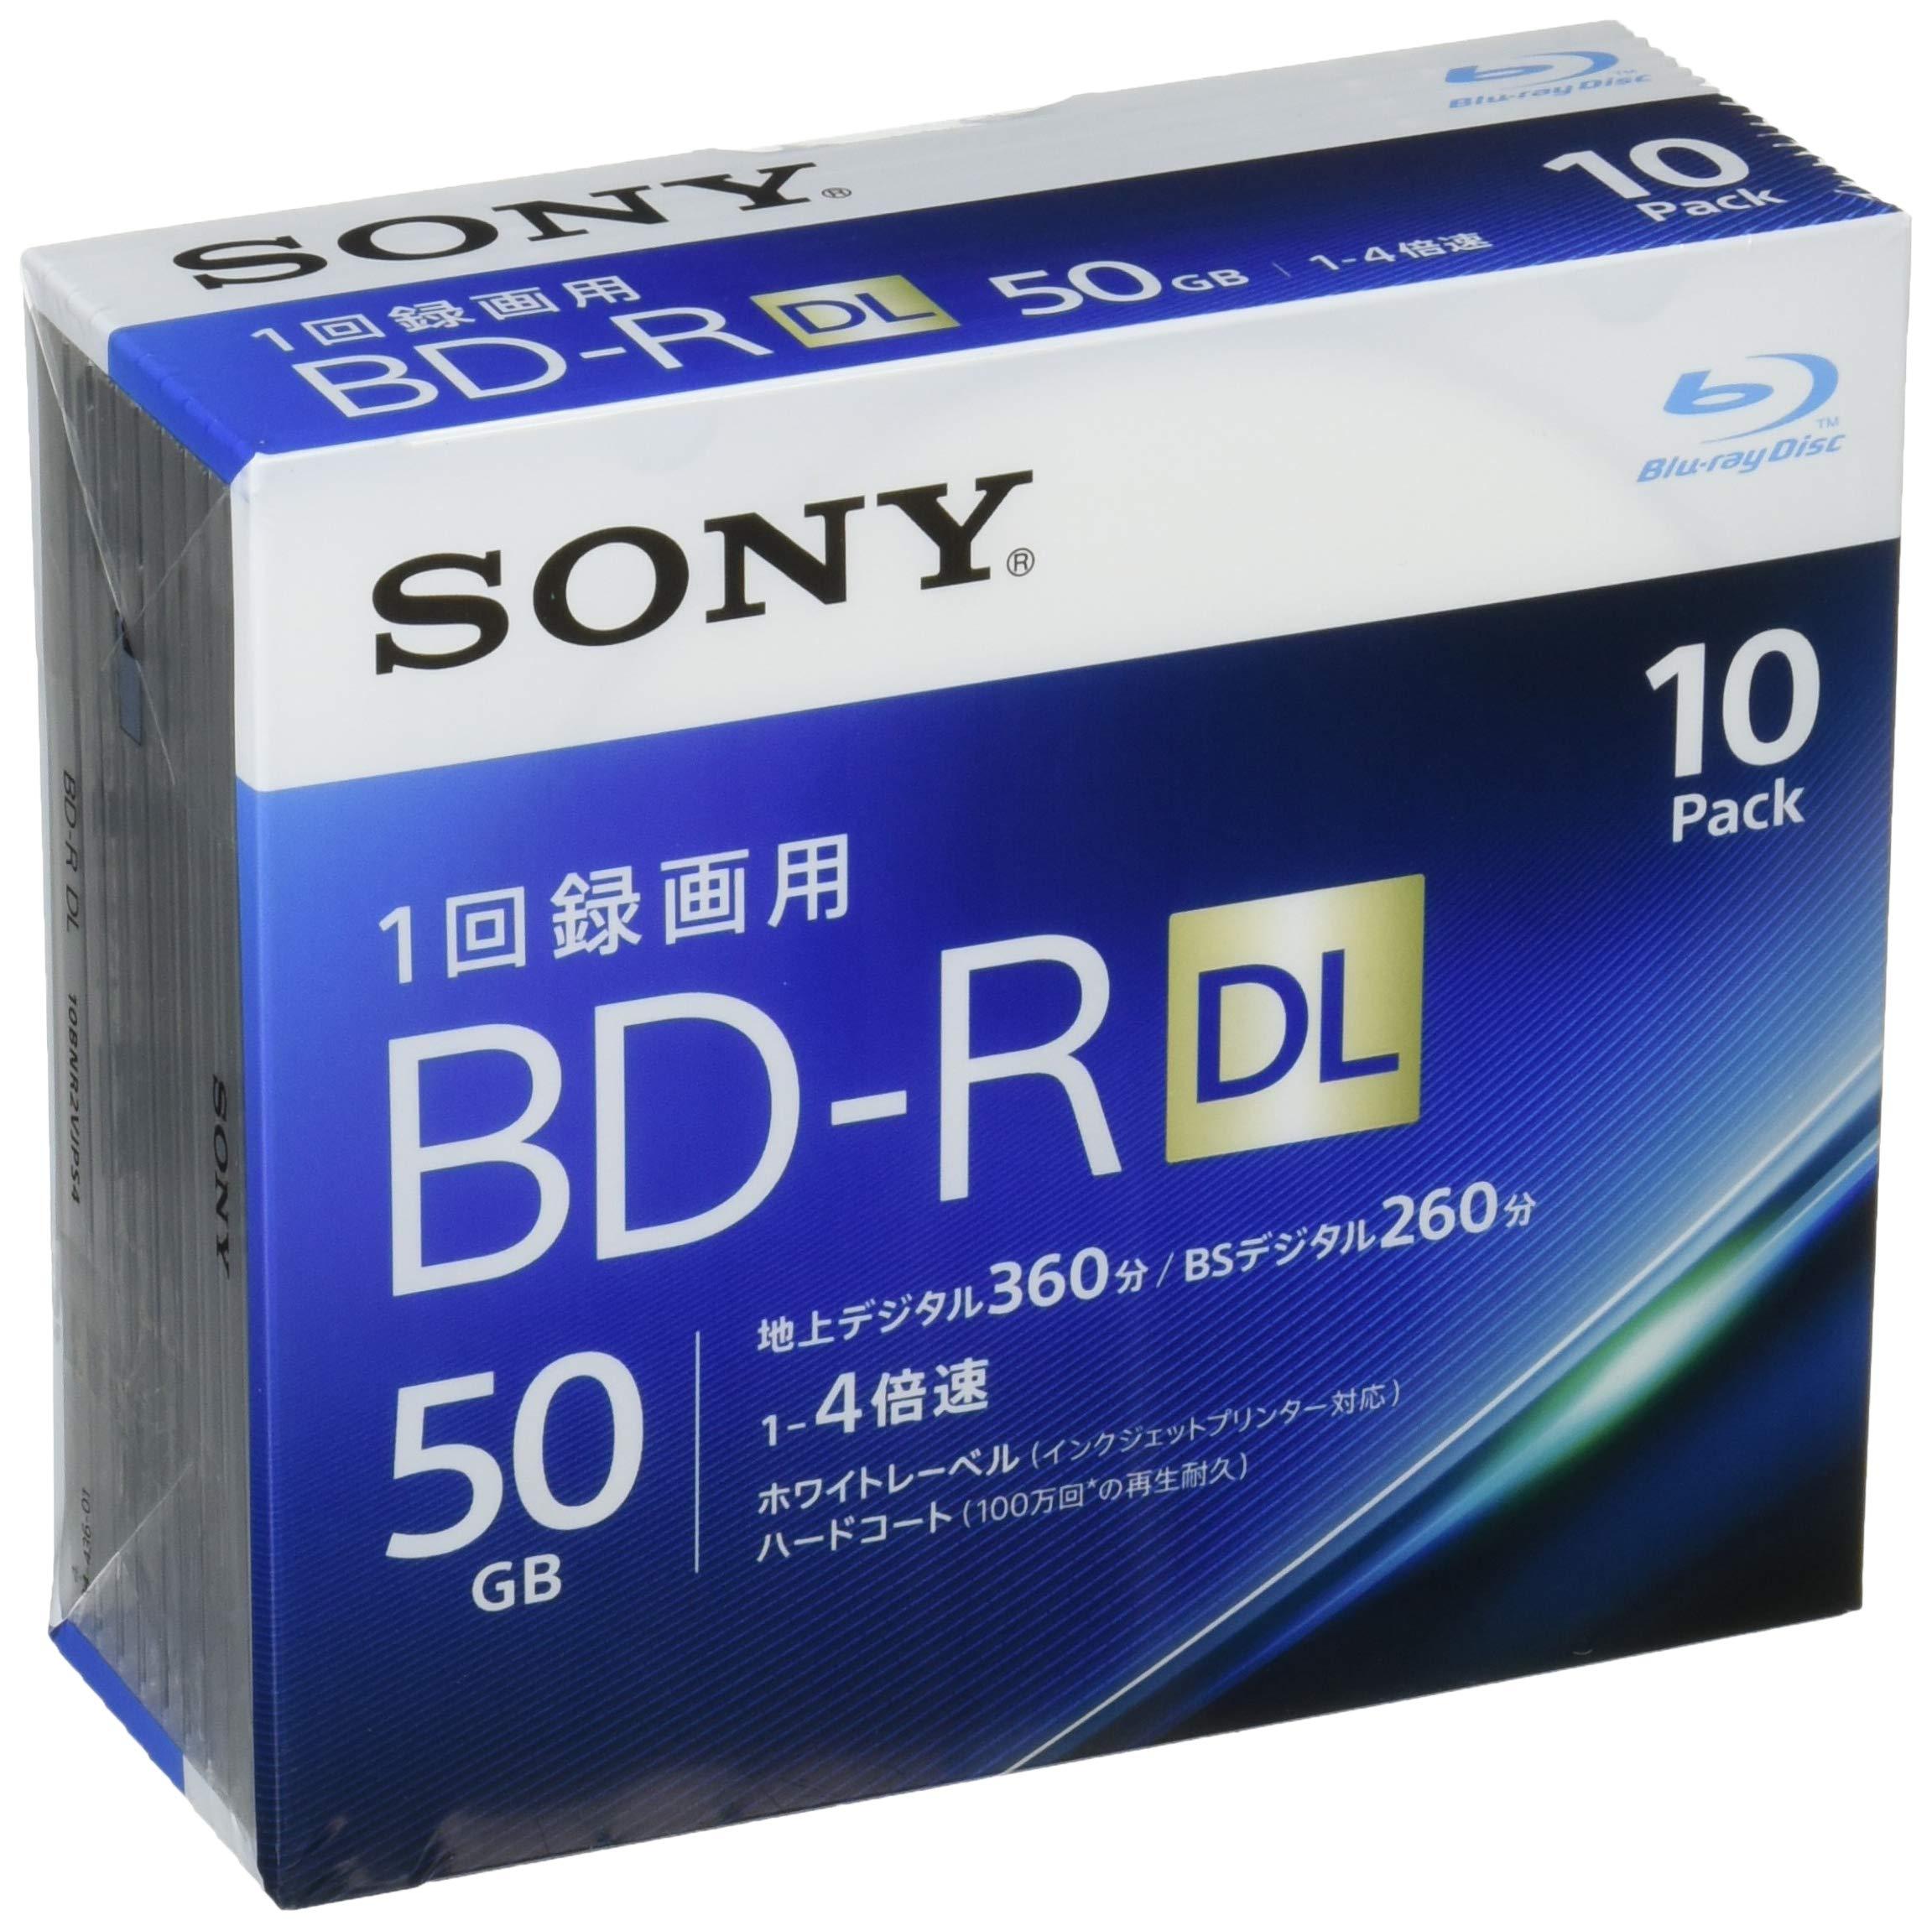 Sony 4X BD-R DL 10 pack 50GB White Printable 10BNR2VJPS4 by Sony